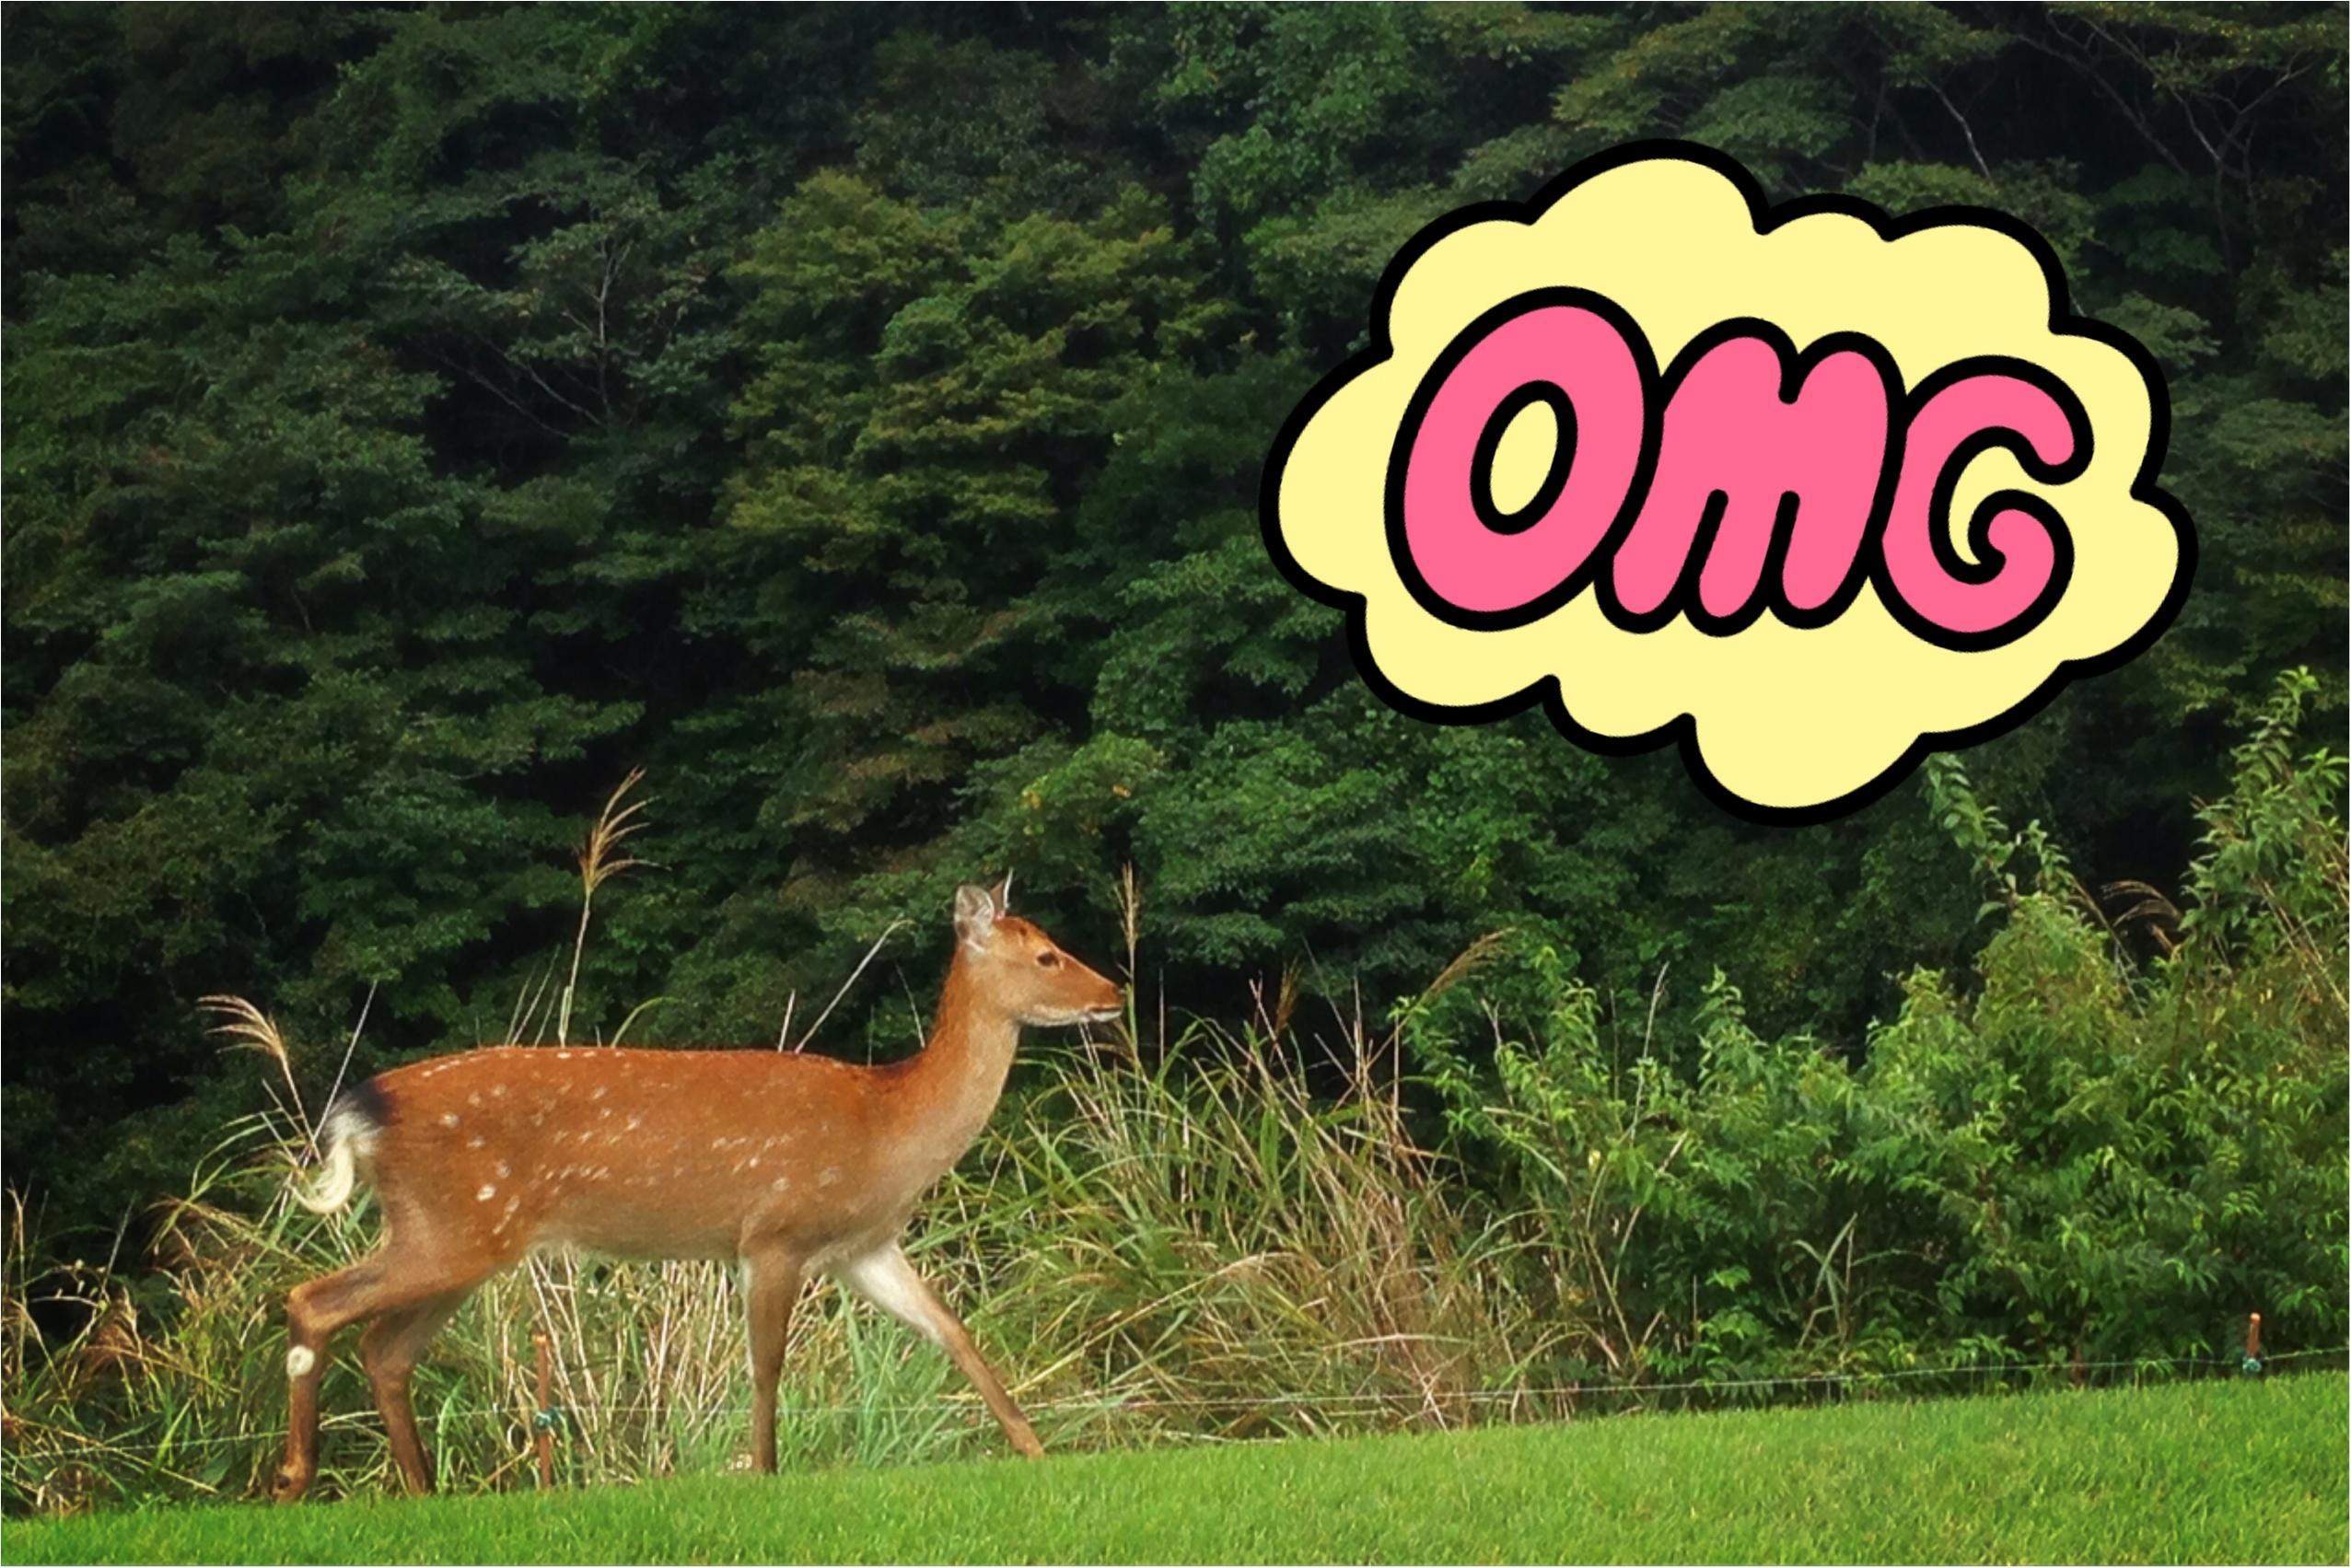 【GOLF】ゴルフでファッションを楽しむ♡秋晴れの中ラウンドしてきました!_6